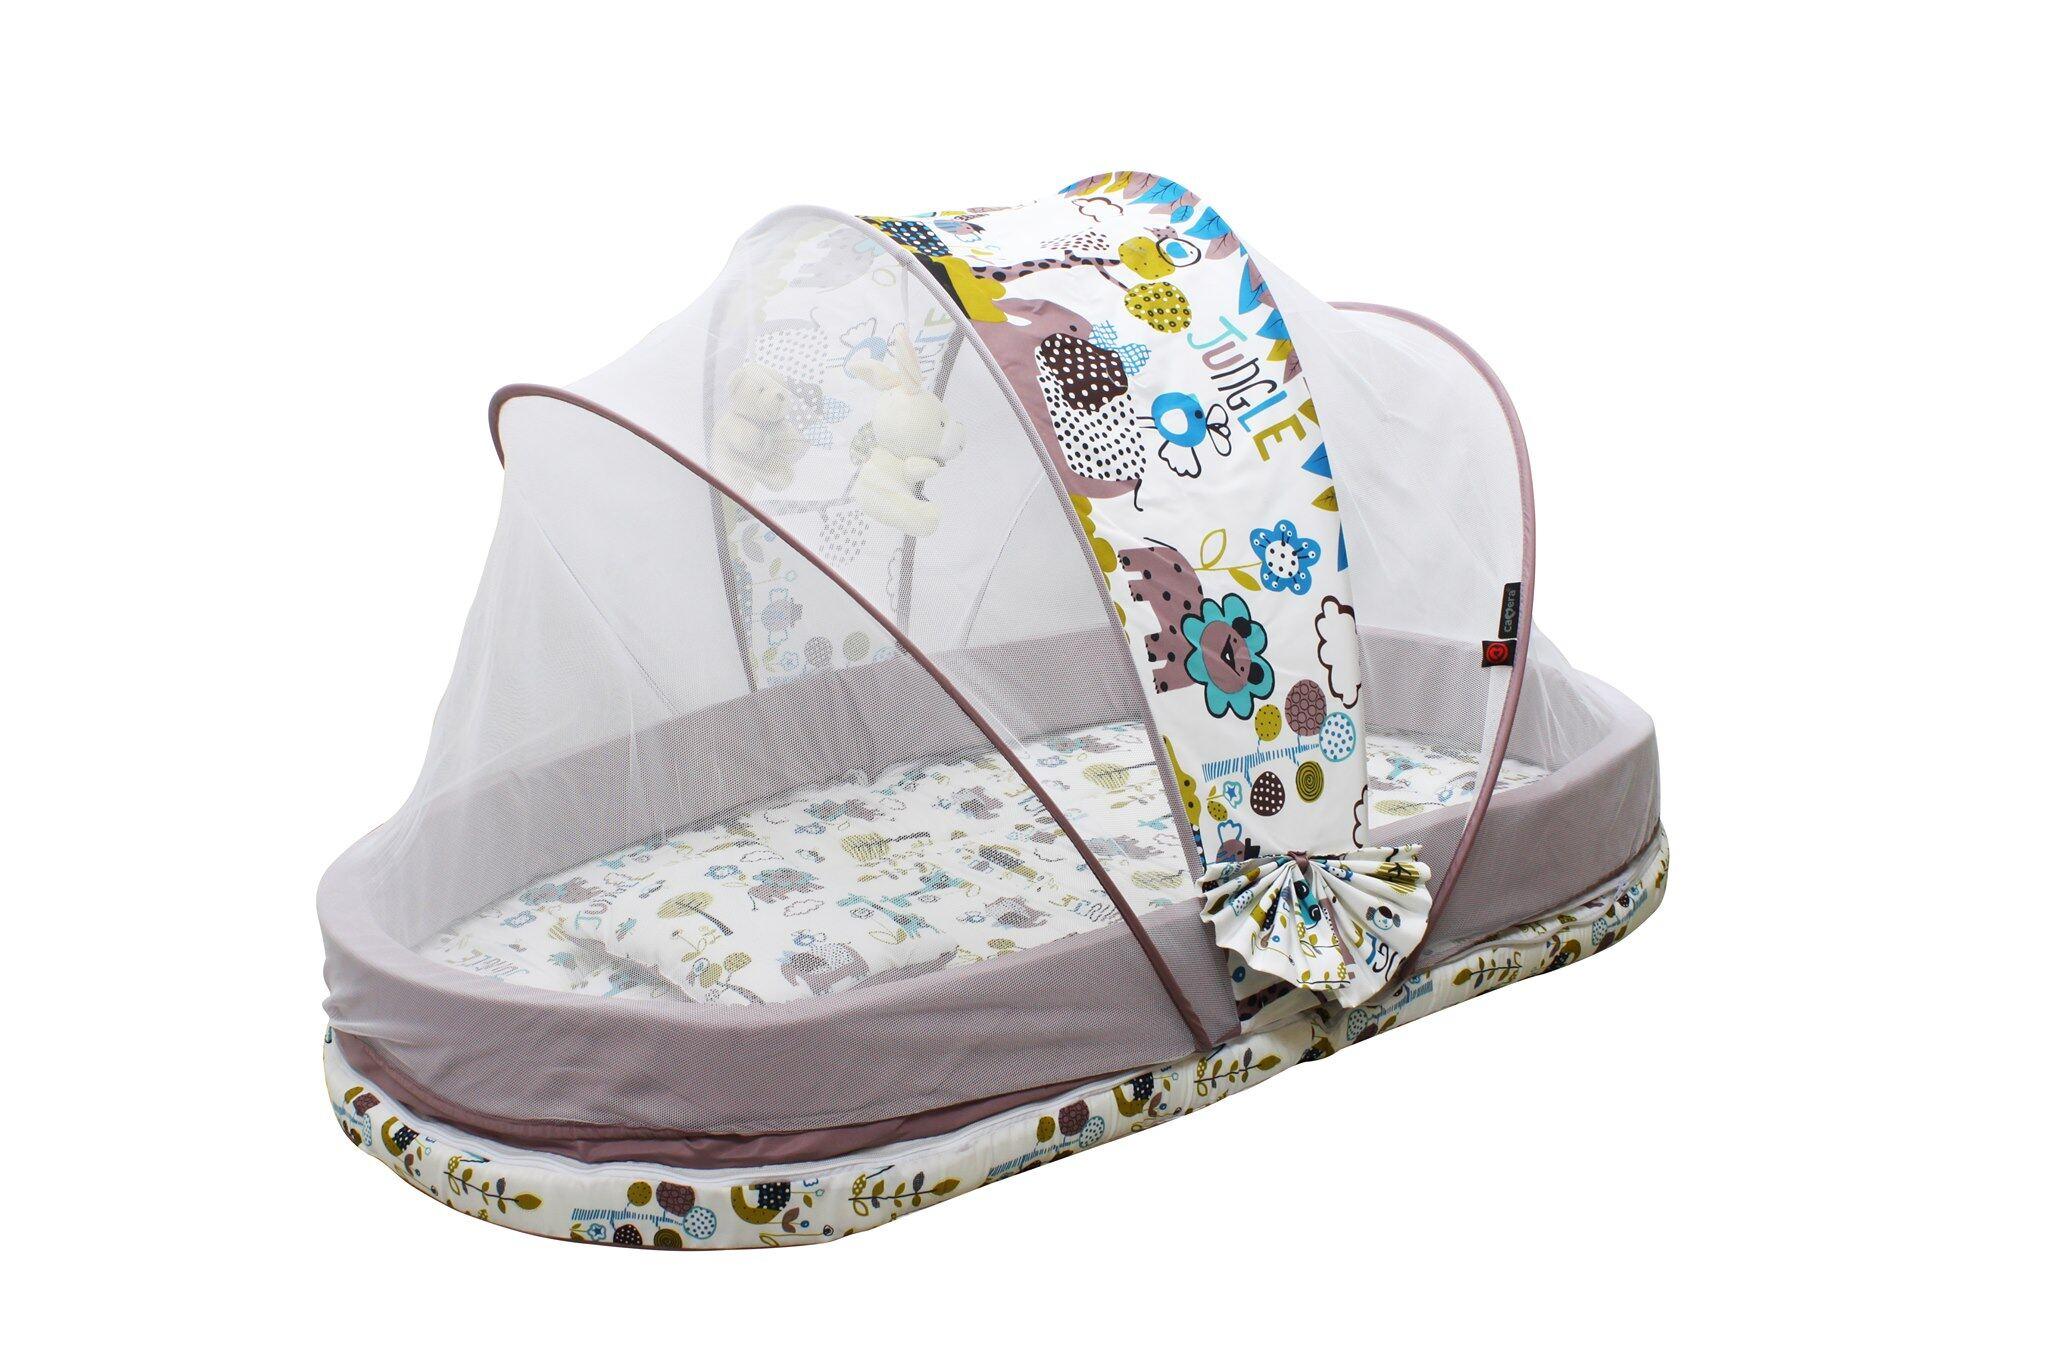 ชุดที่นอนเด็กพร้อมมุ้ง พกพาได้Camera Baby ขนาดใหญ่ รุ่น C-WC-13271